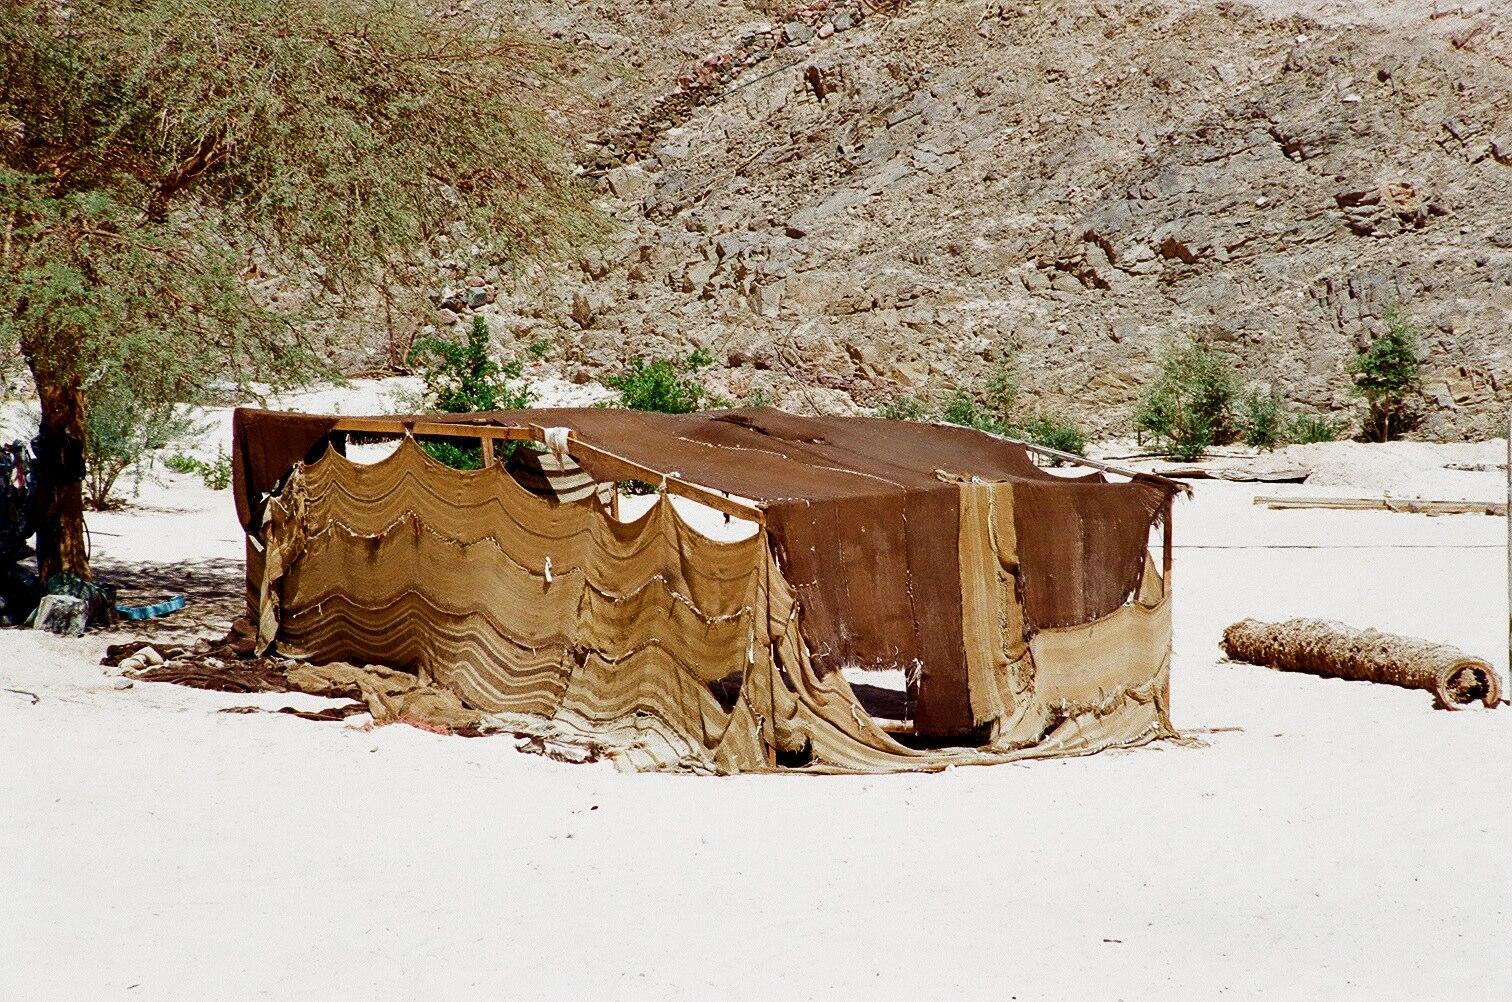 Sonnenschutz in der Wüste